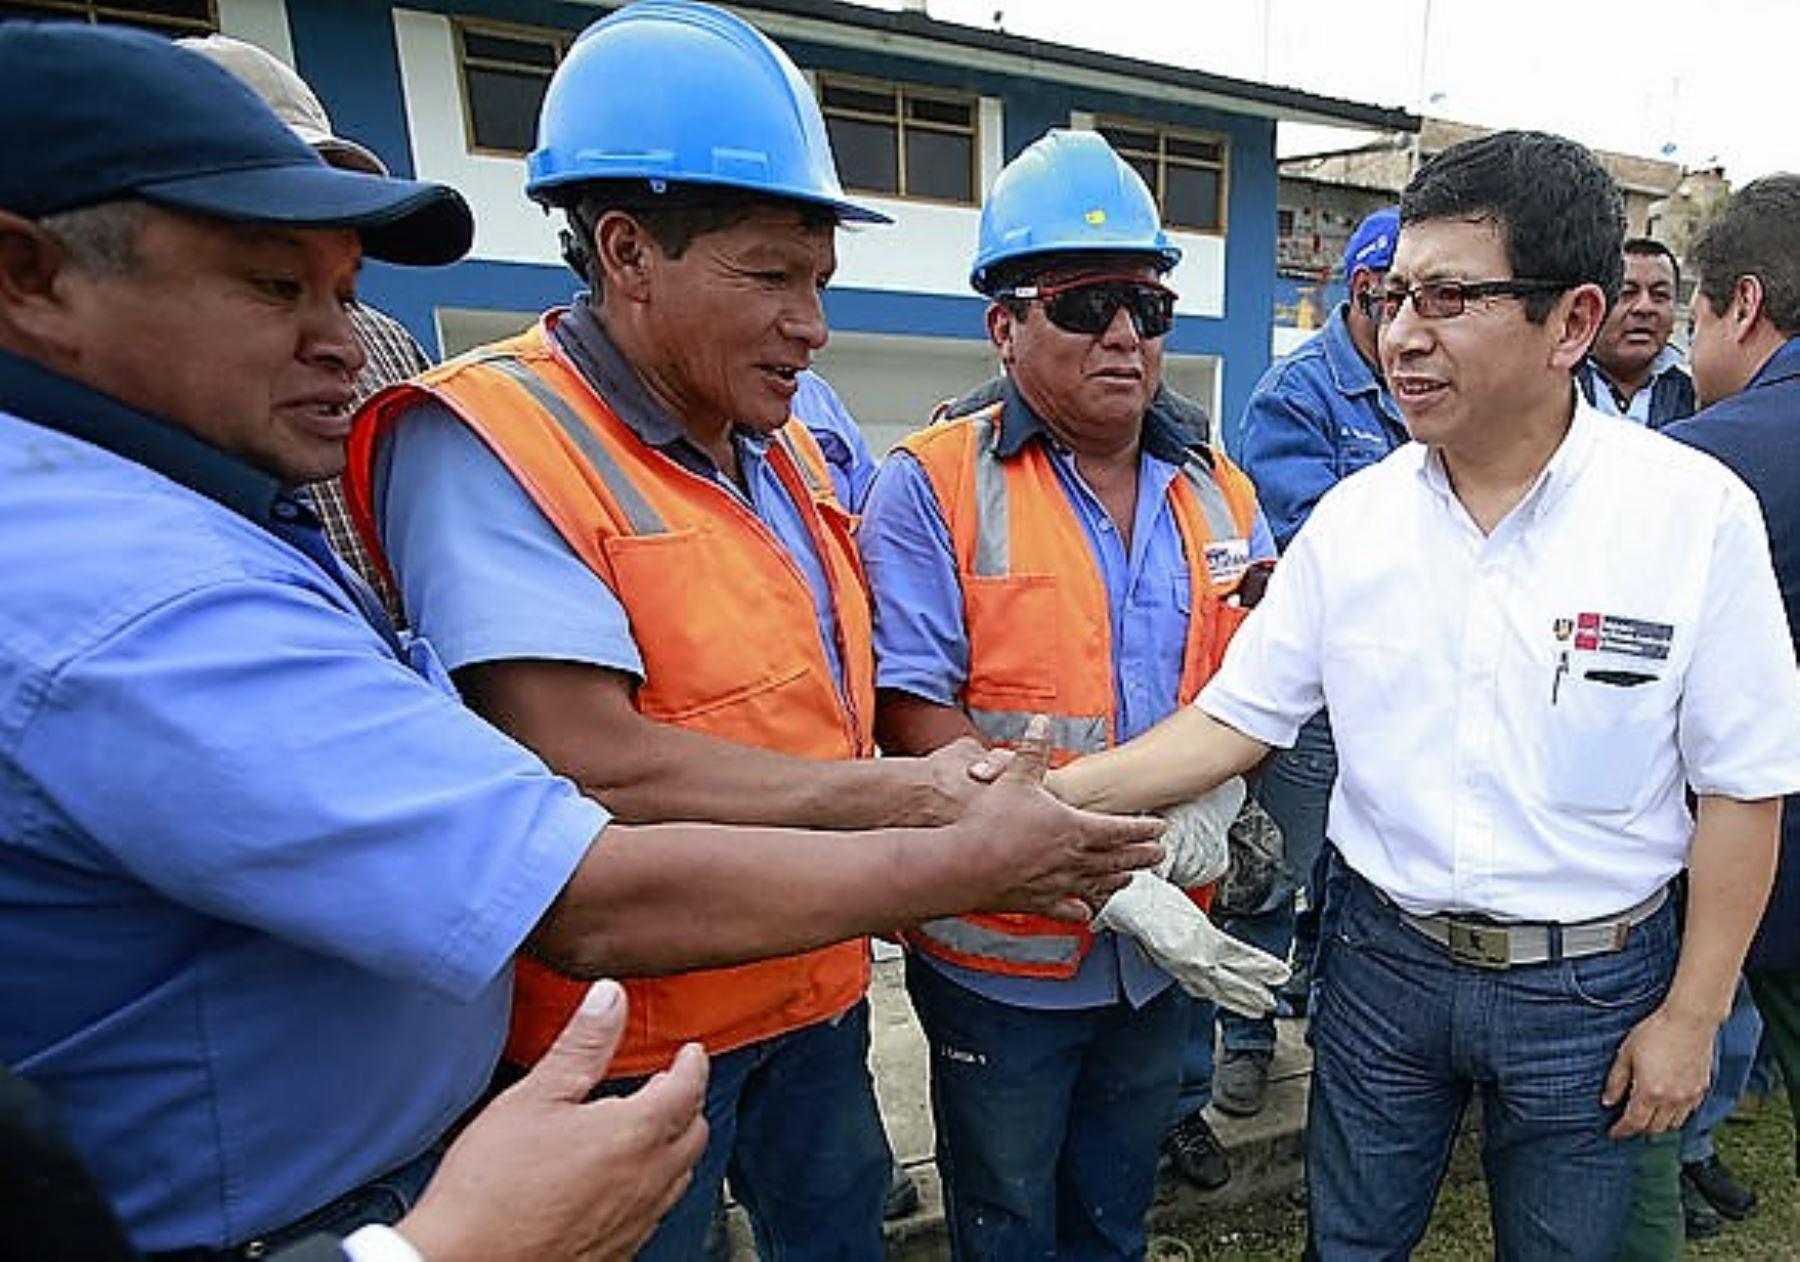 Ministro de Vivienda, Edmer Trujillo, anunció la reconstrucción de viviendas declaradas inhabitables en Caylloma a consecuencia del sismo de agosto.